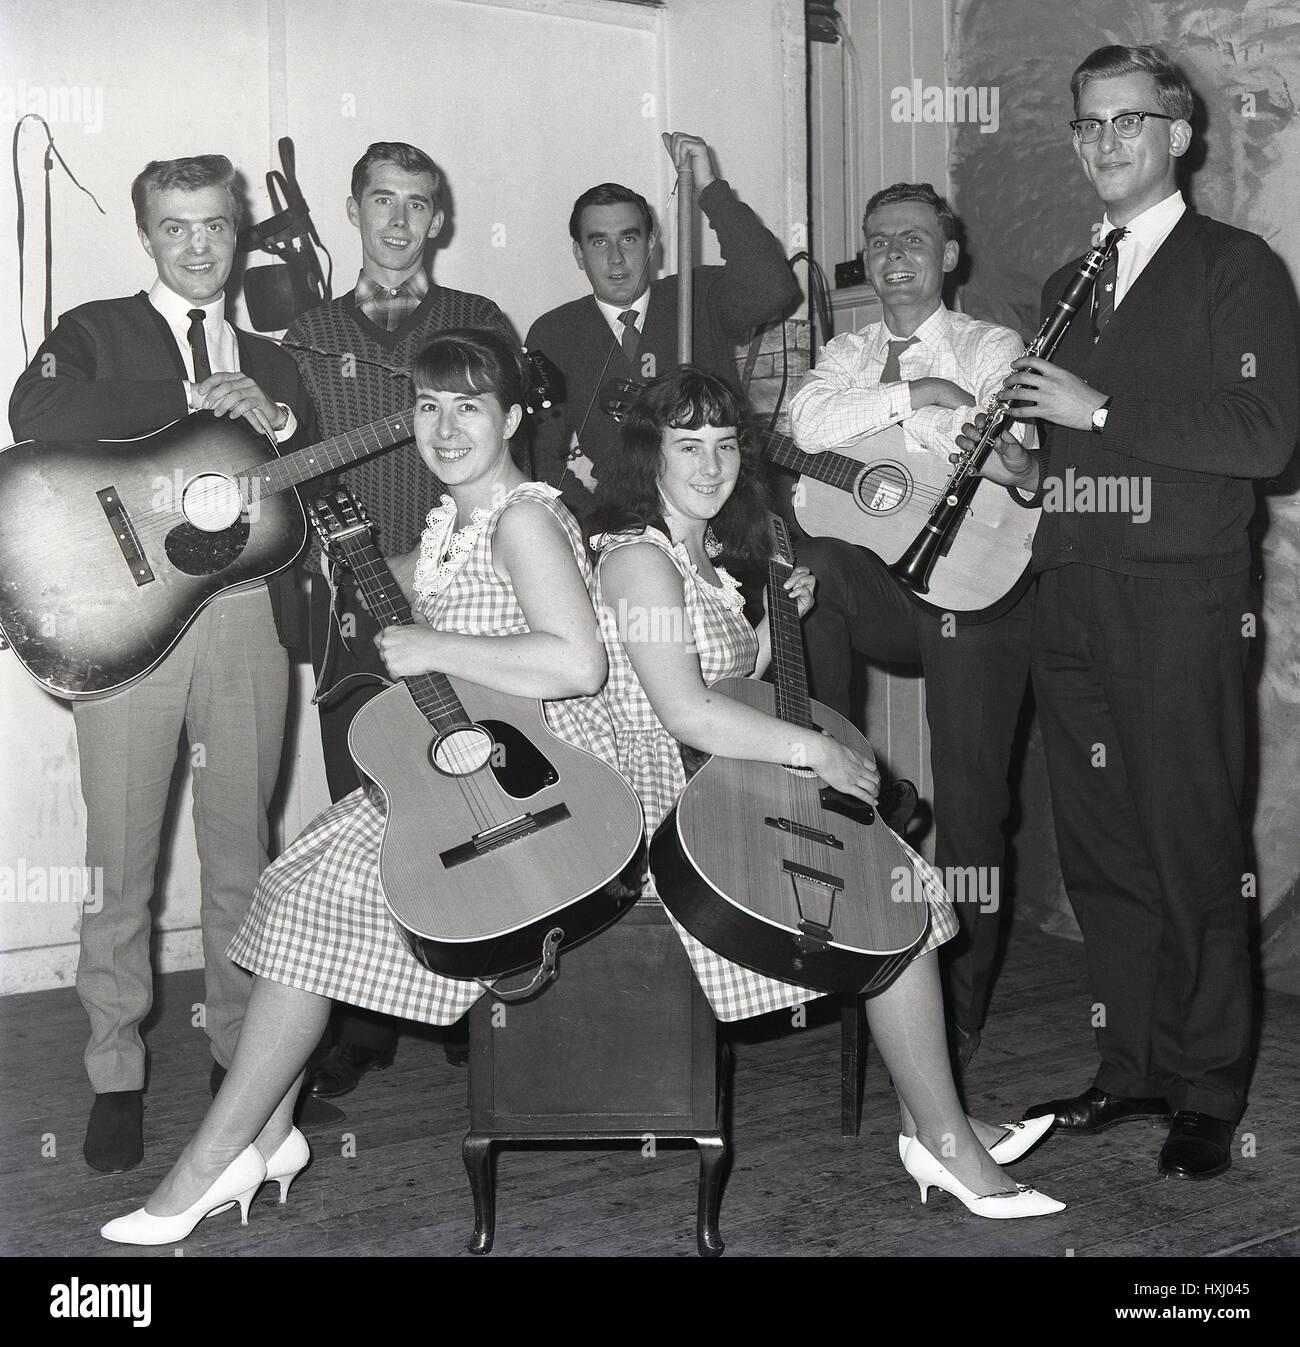 1965, sixties guitar or folk group, England, UK. - Stock Image